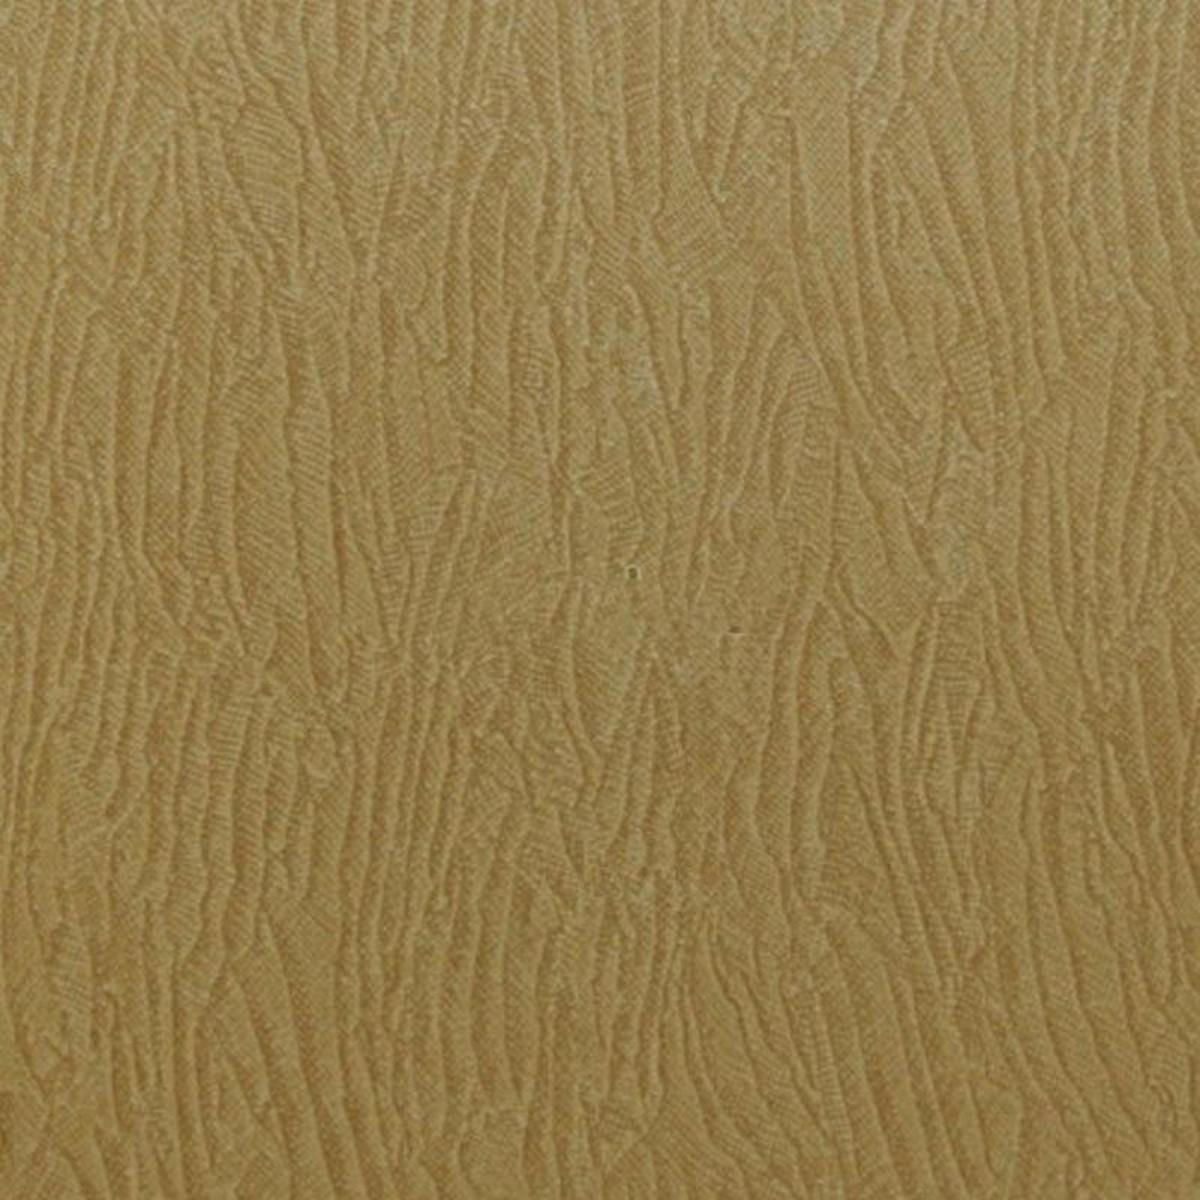 Обои флизелиновые Limonta Linea N коричневые 0.53 м 45301L